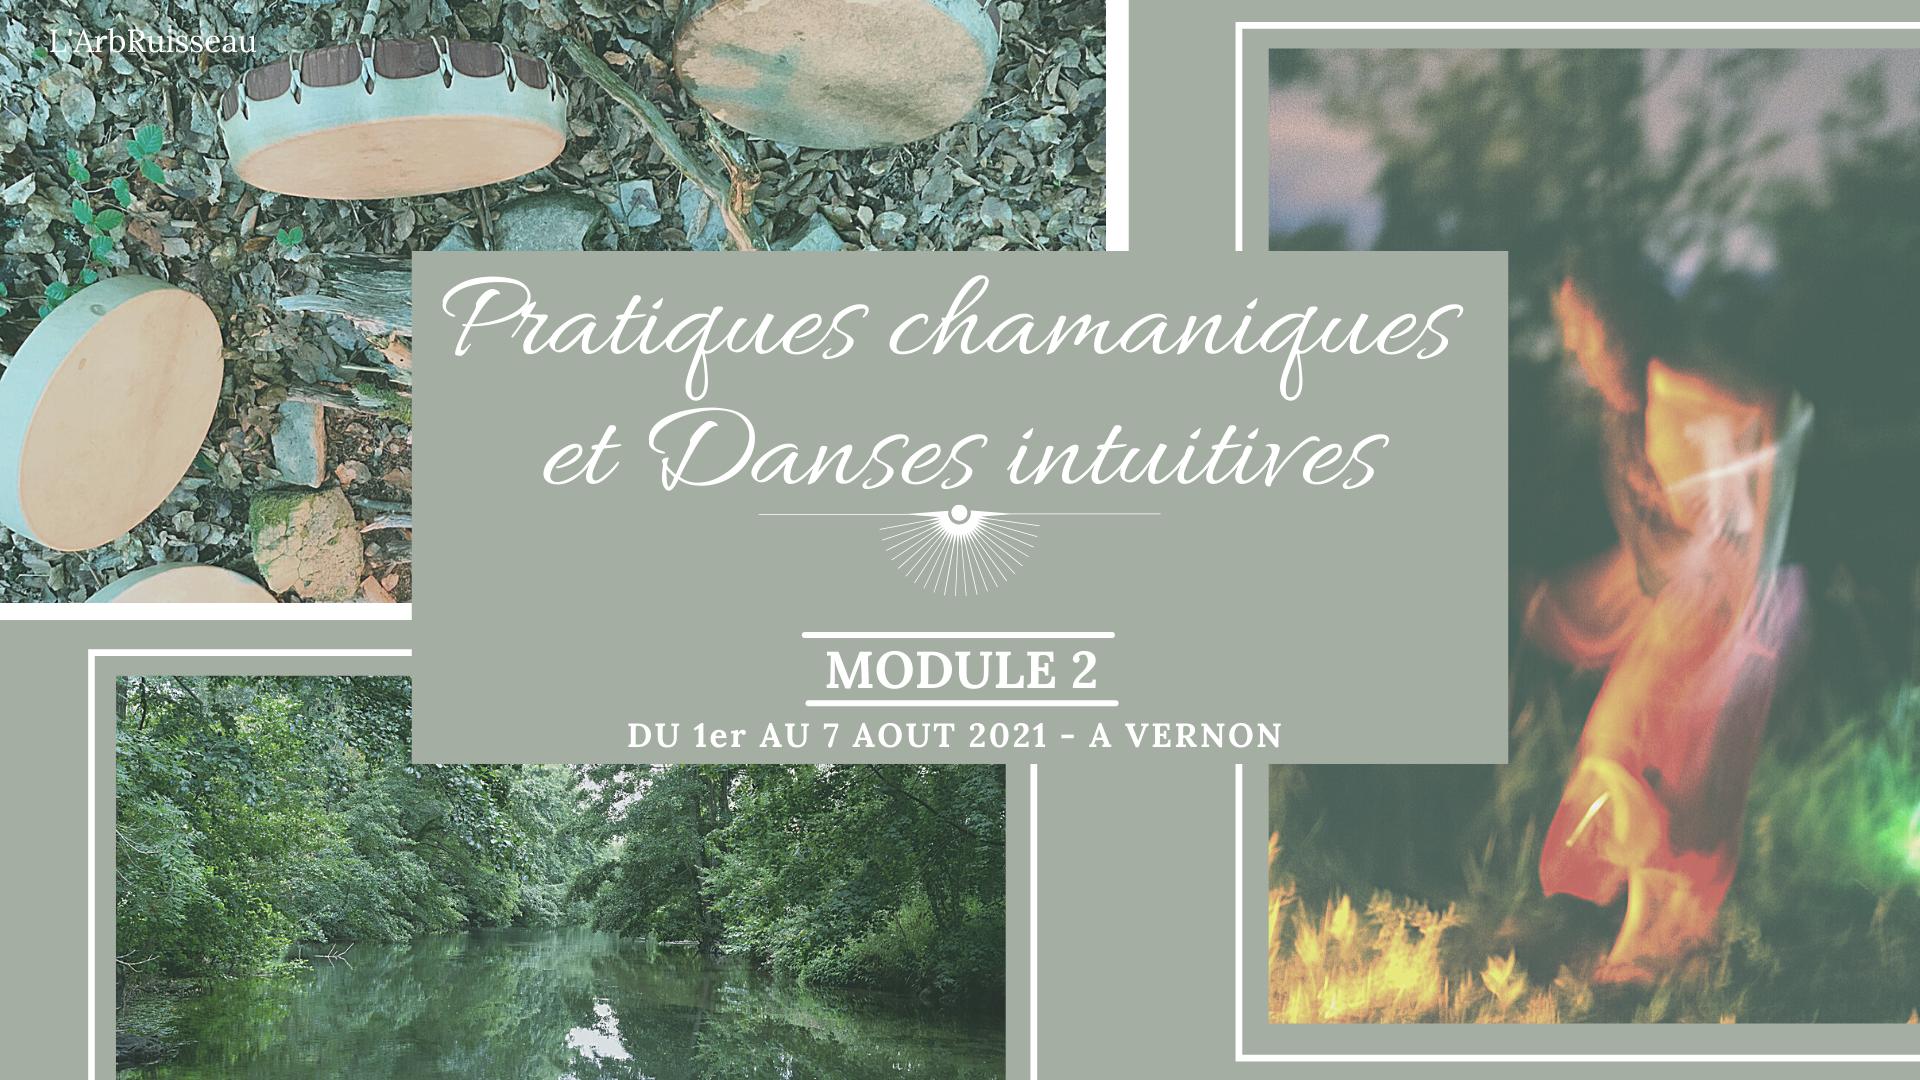 Pratiques Chamaniques et Danses Intuitives - Module 2